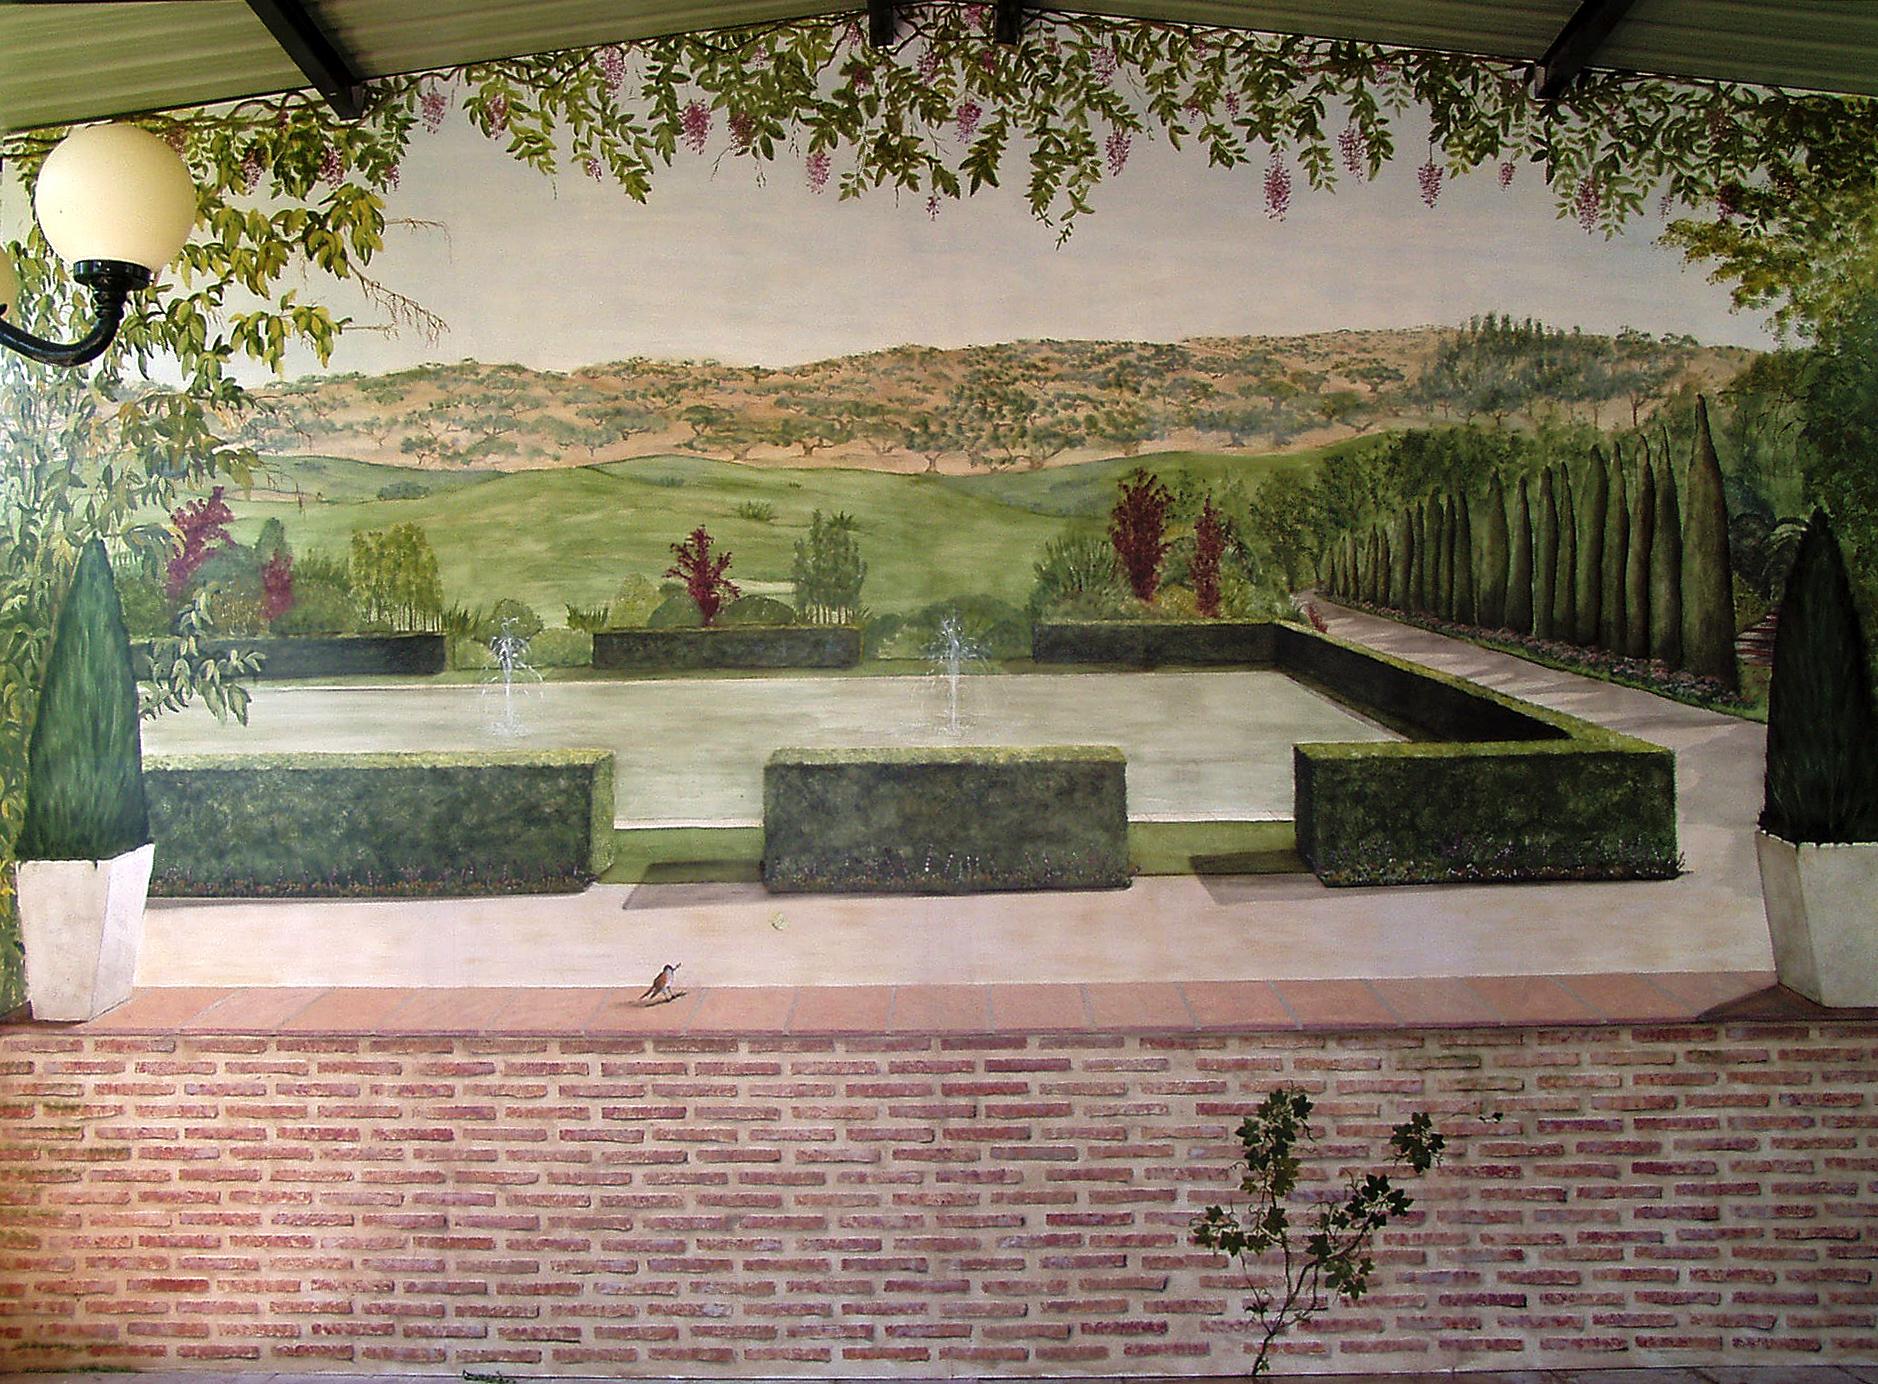 Terraza La Posta Real, falso zócalo en ladrillos y paisaje